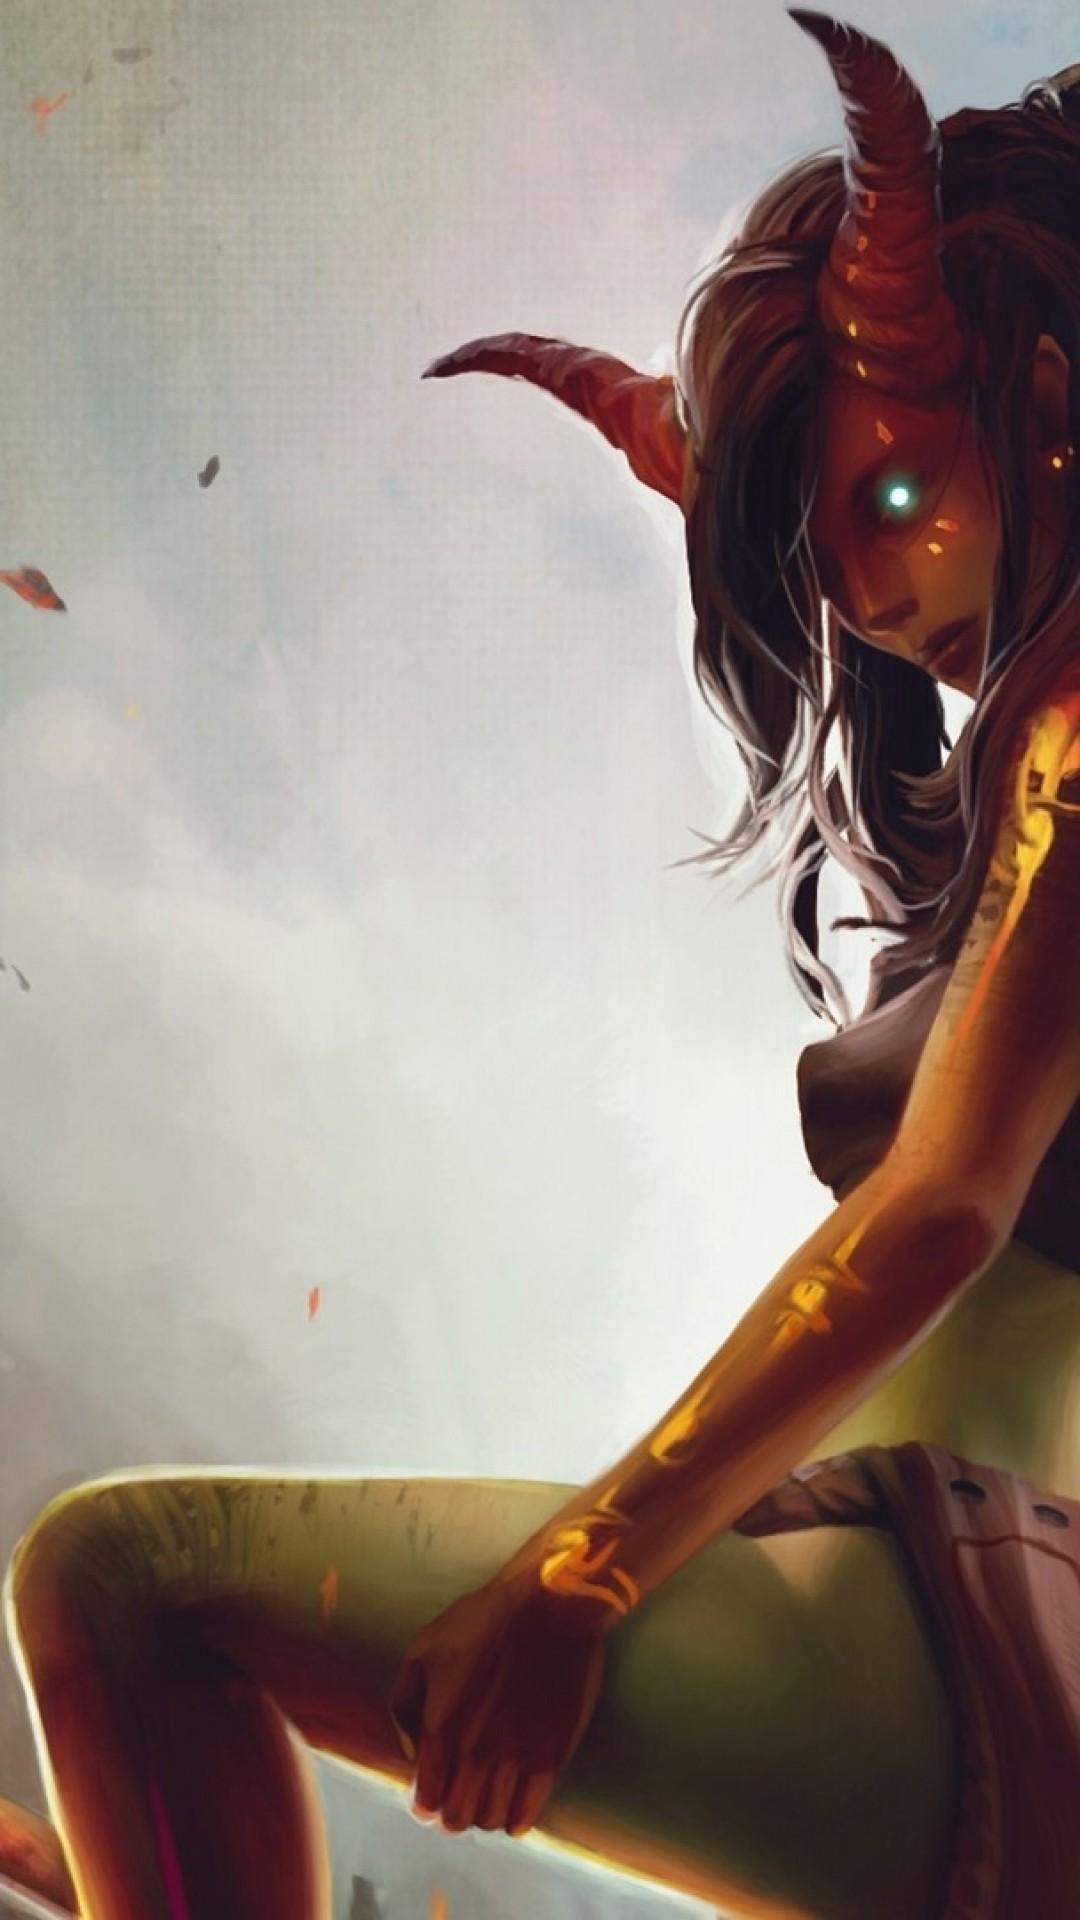 Demon Girl Wallpaper 69 Images